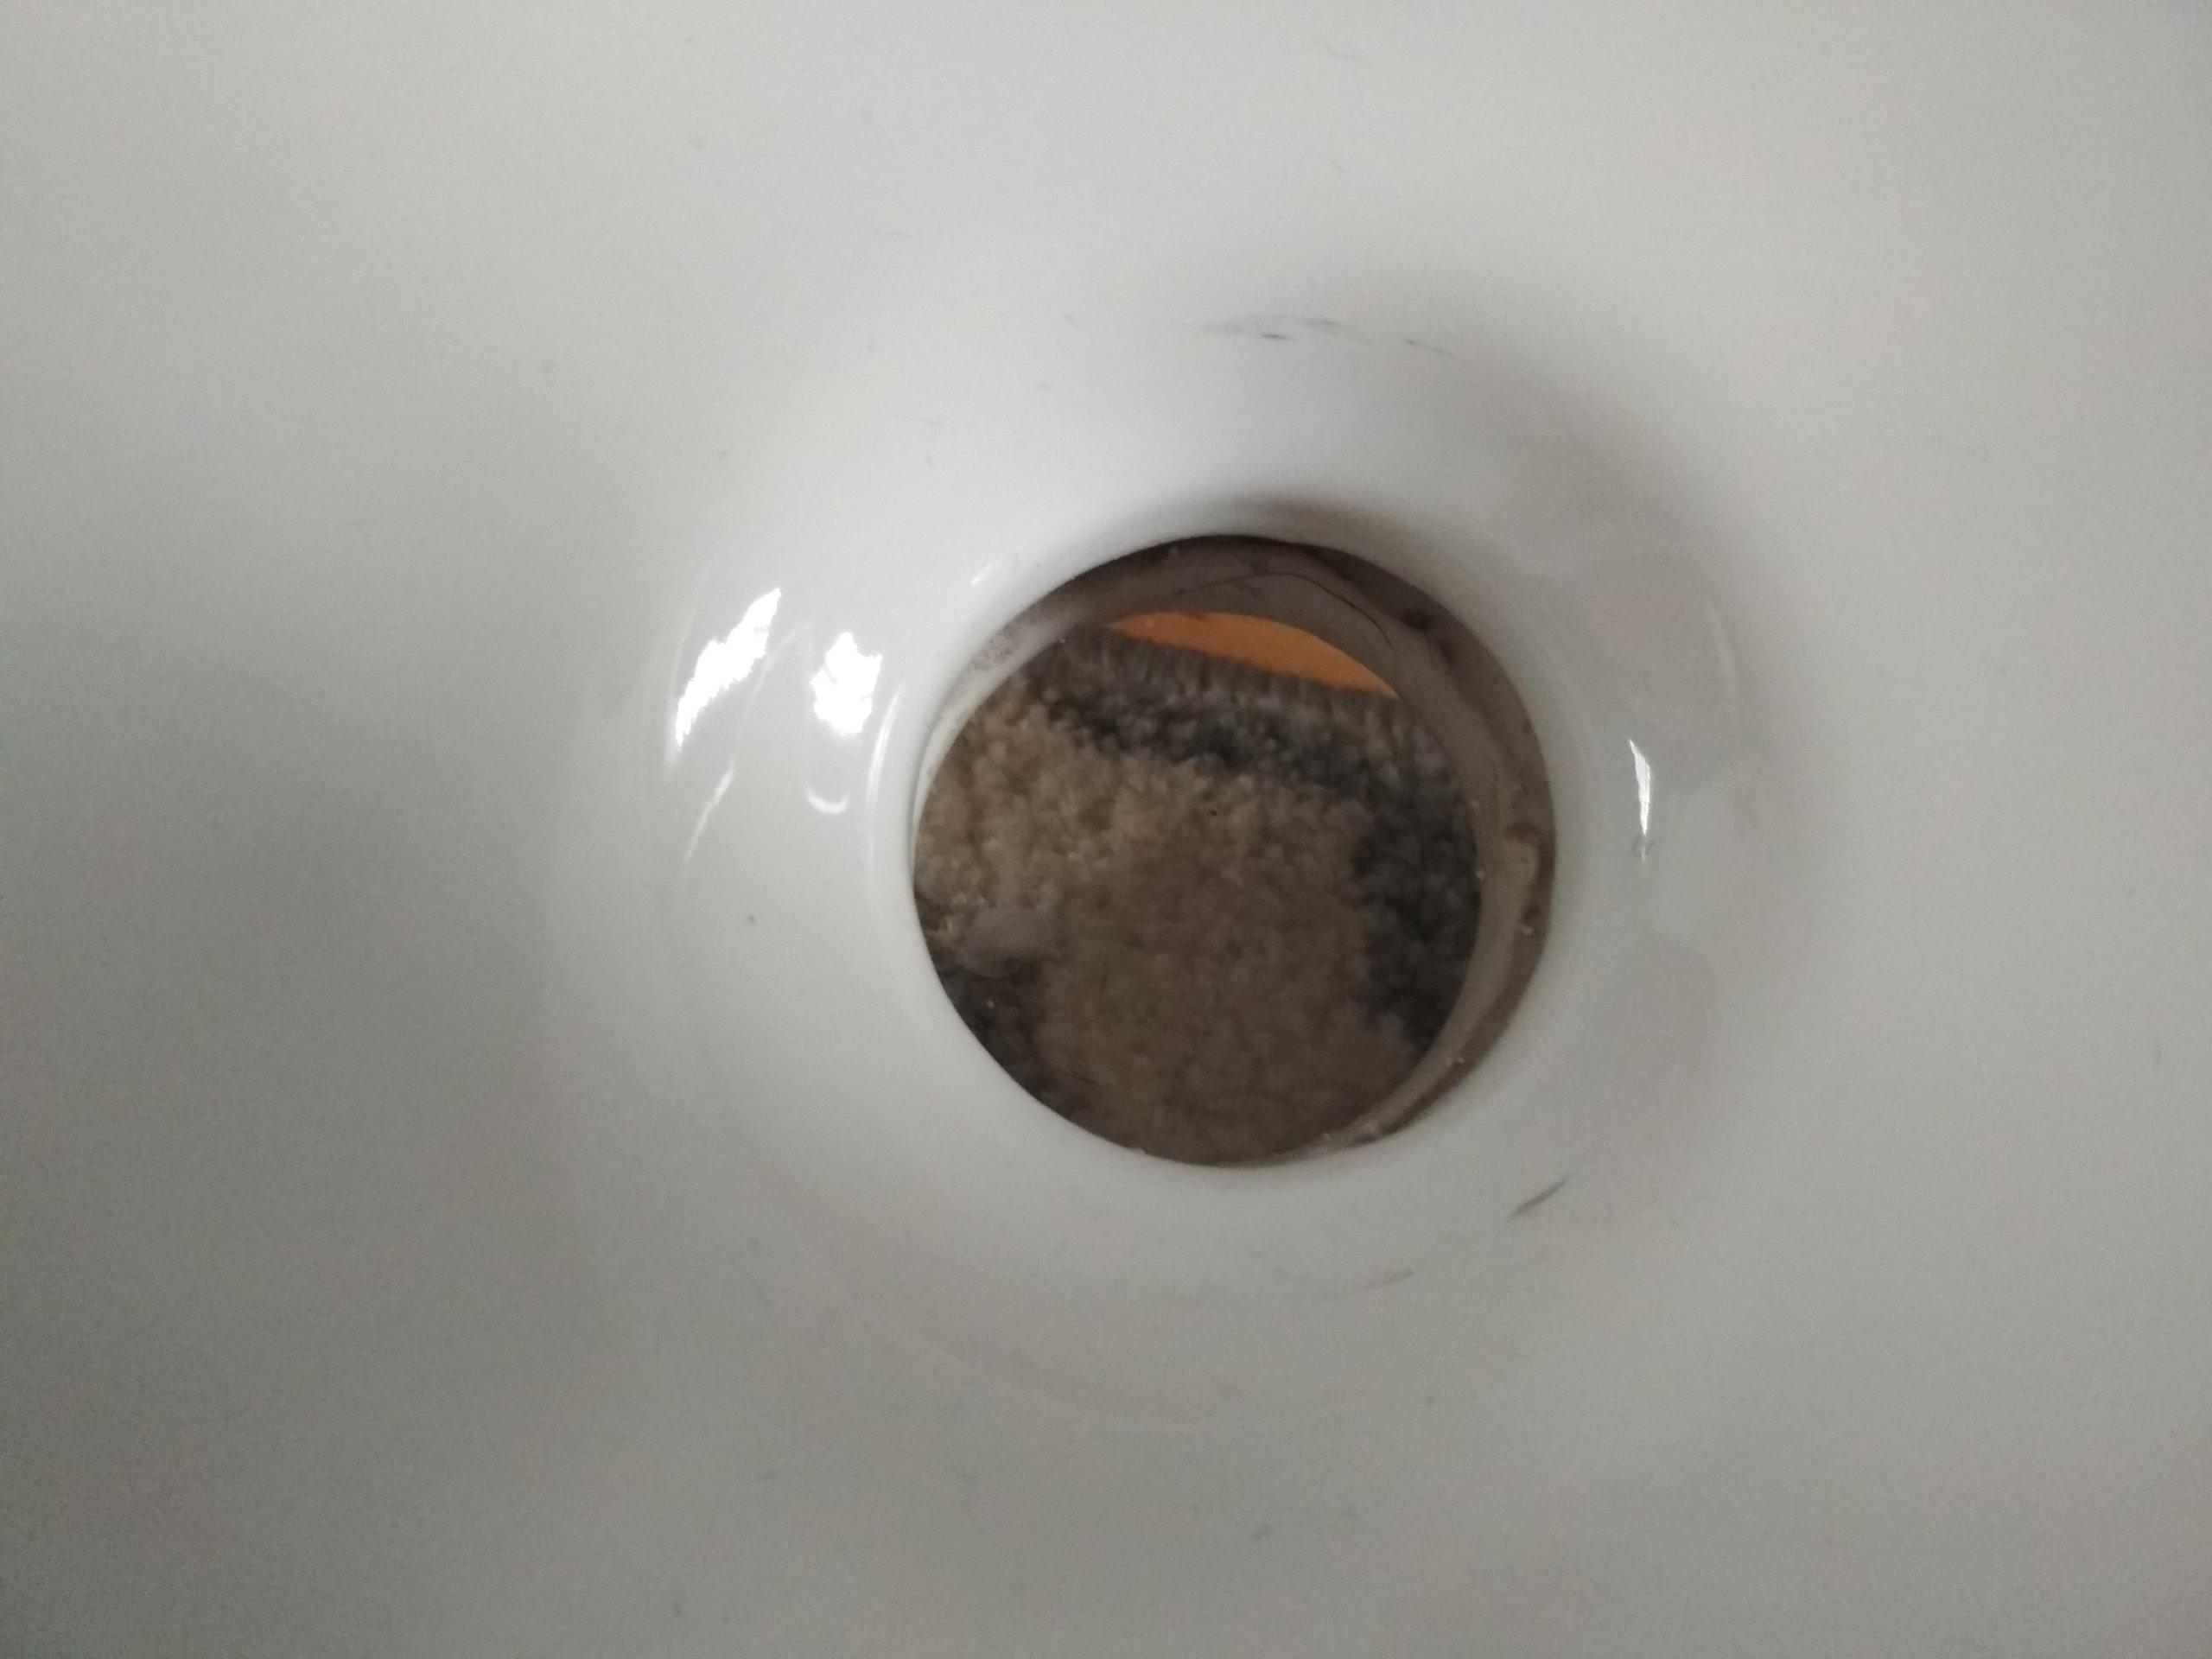 Umywalka Roca Diverta Wpuszczana W Blat 55x425x17 7136334081